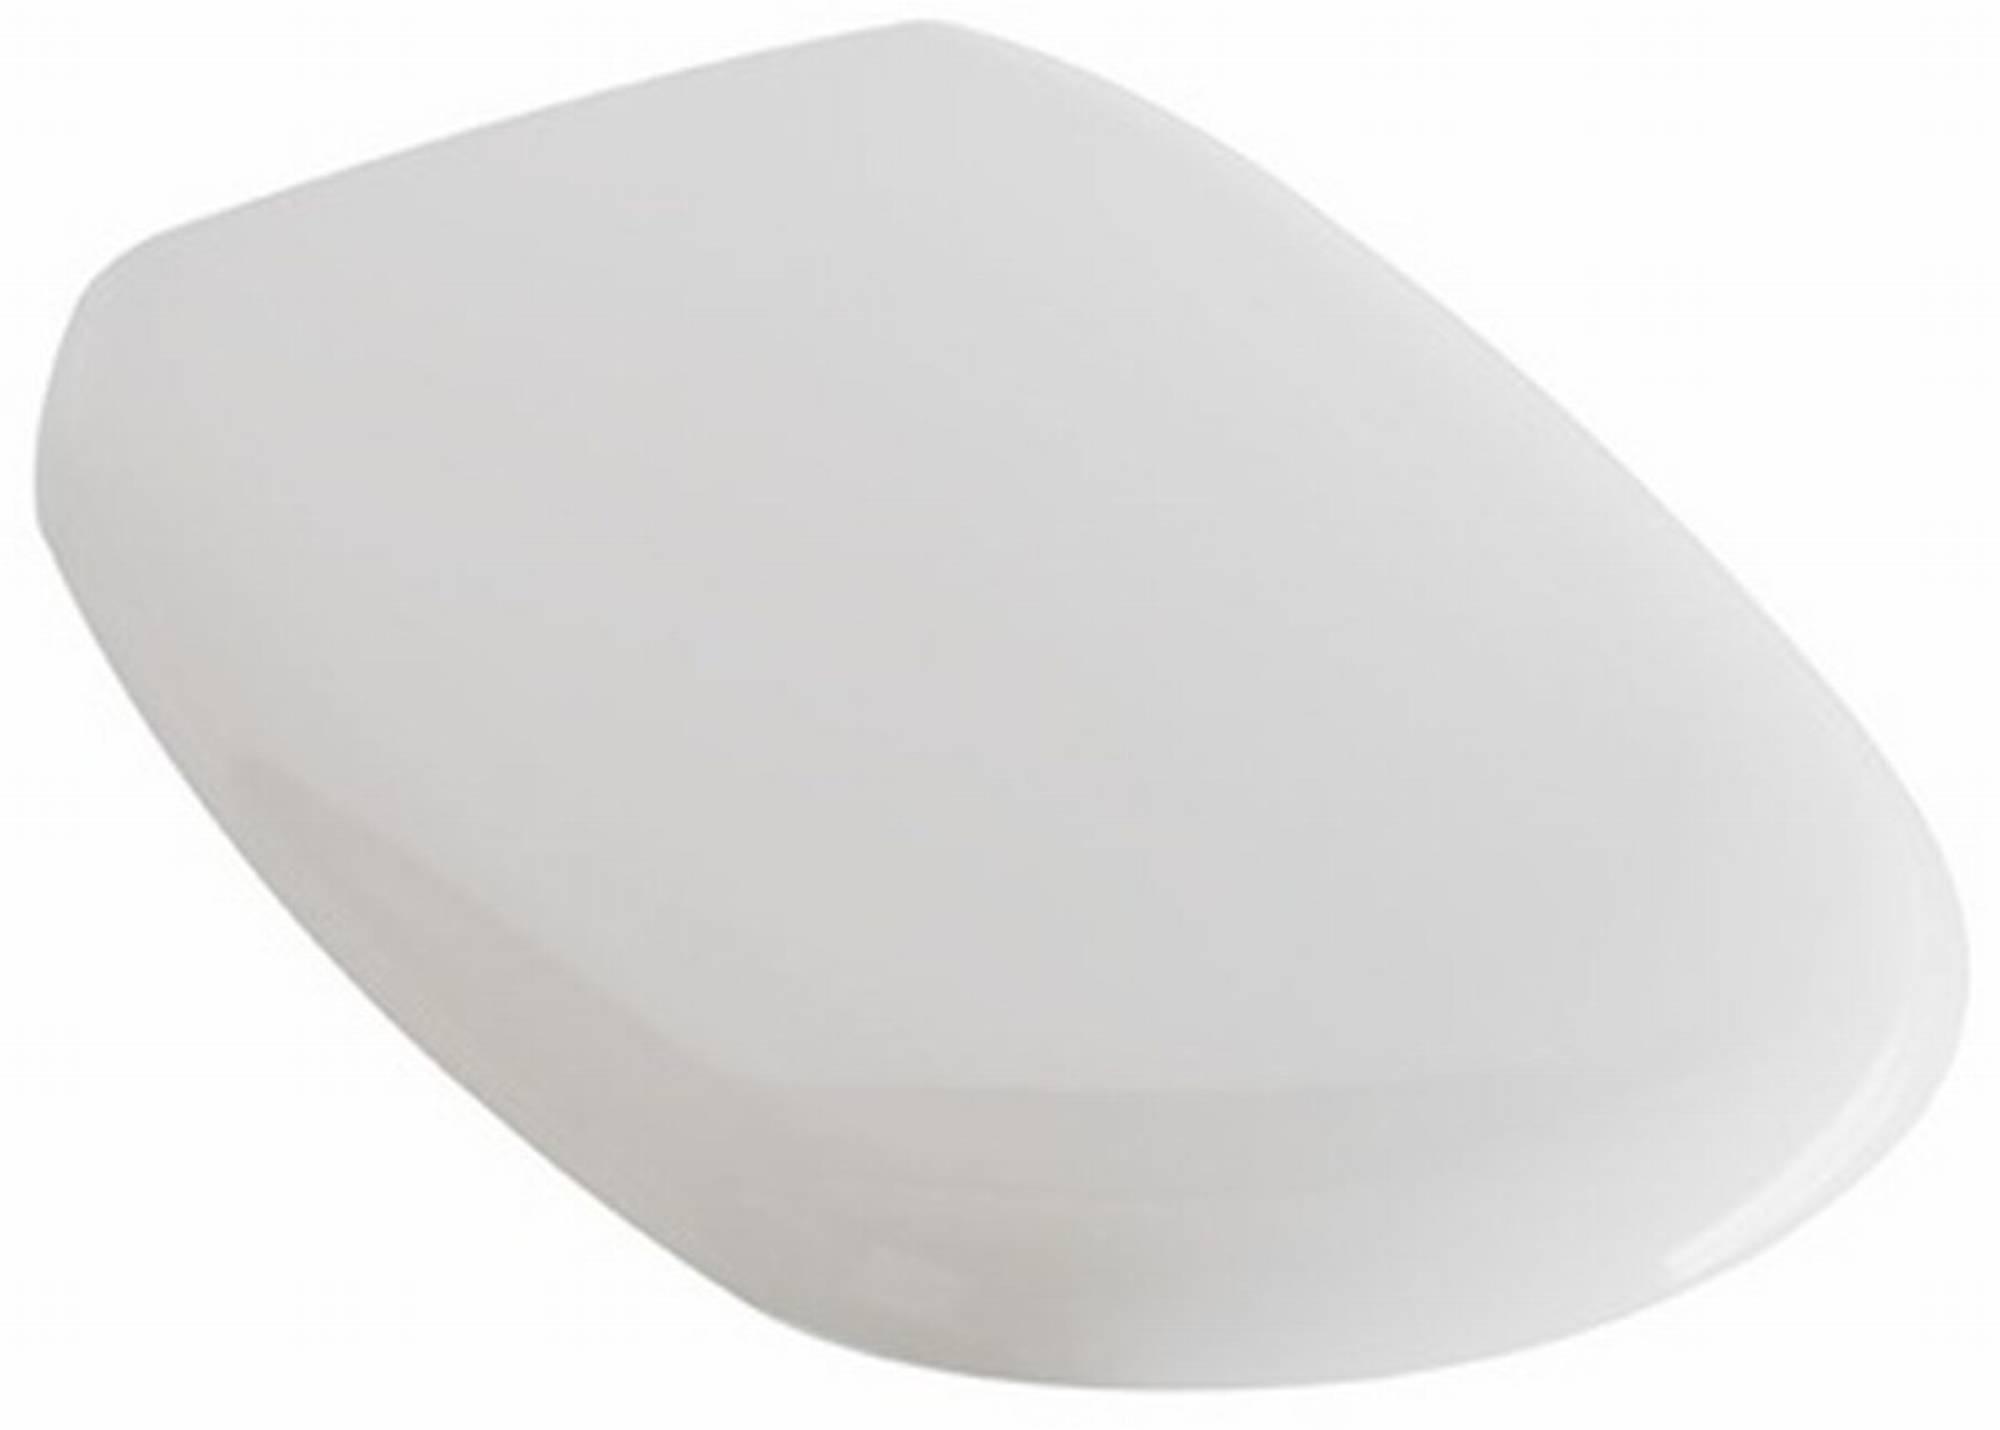 Sphinx softclose closetzitting voor wc voor 330-355-390, wit